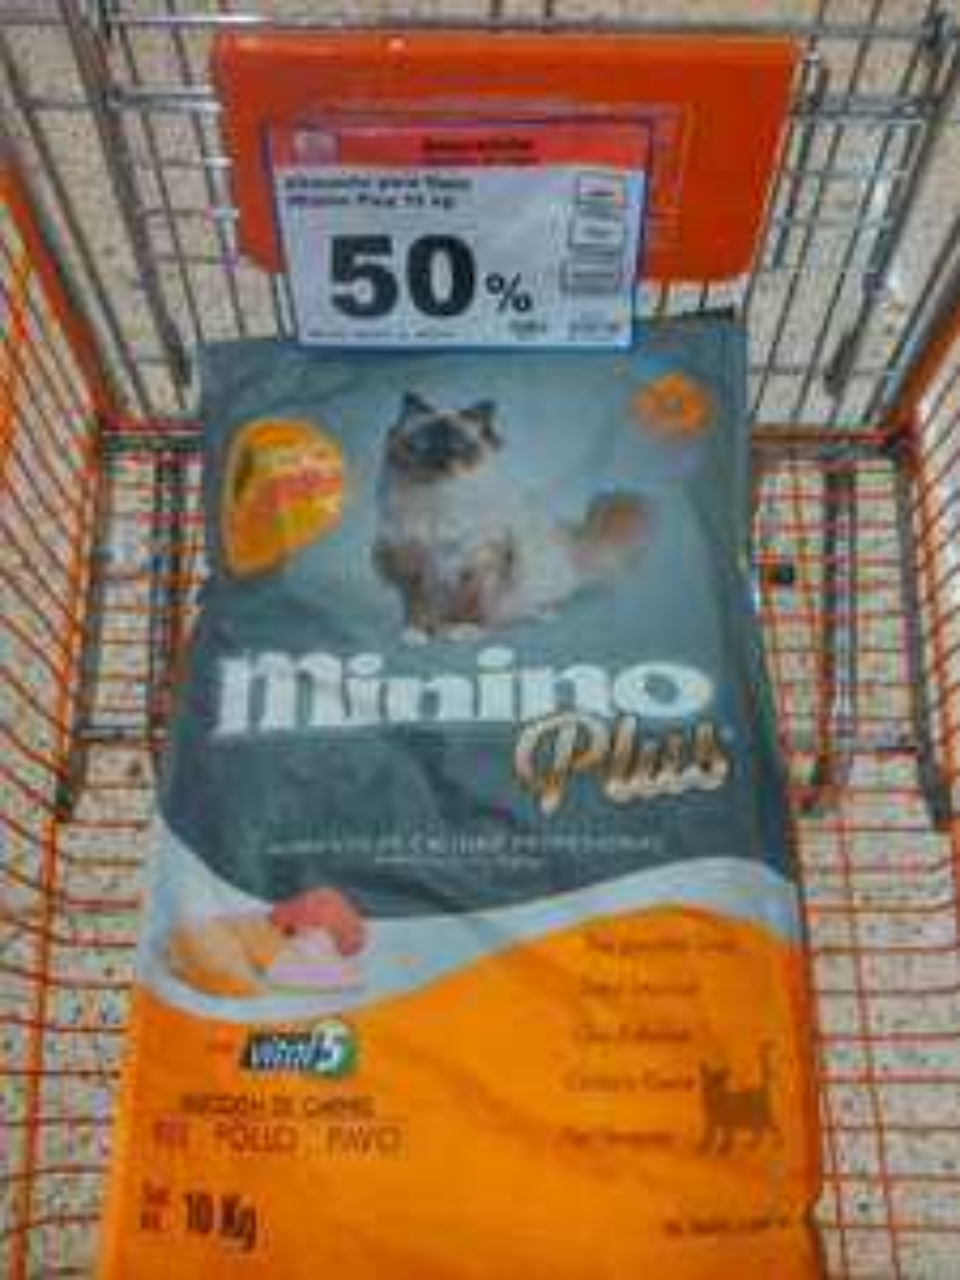 CHEDRAUI: alimento para gato minino plus 50% de descuento